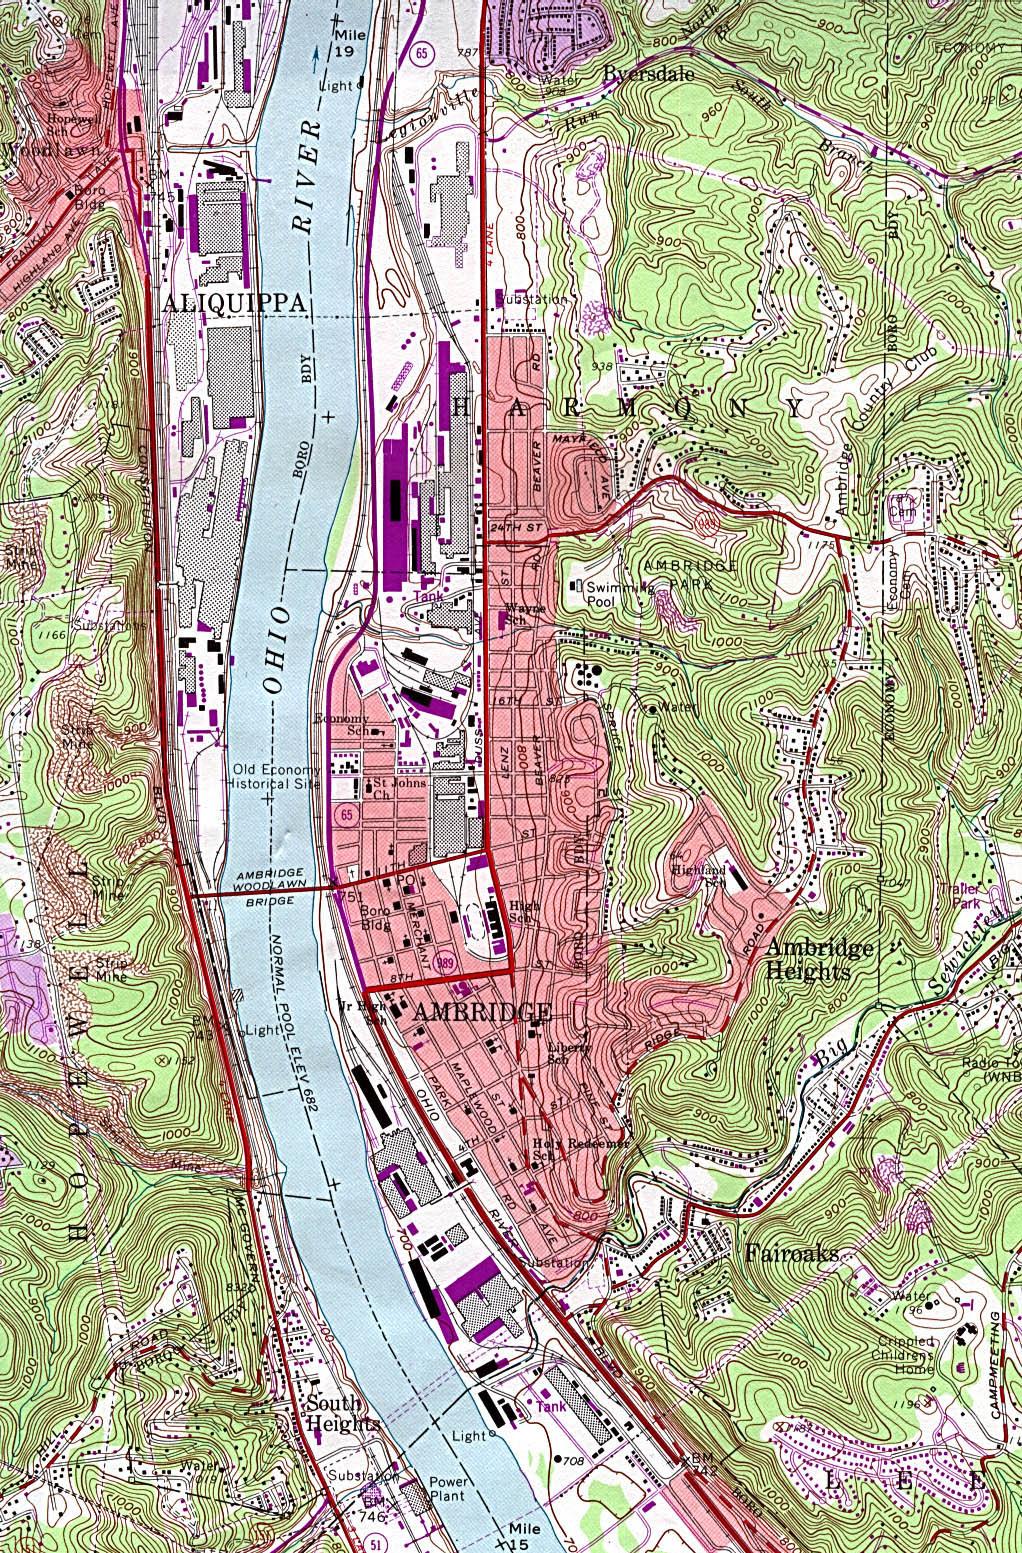 Mapa Topográfico de la Ciudad de Ambridge, Pensilvania, Estados Unidos